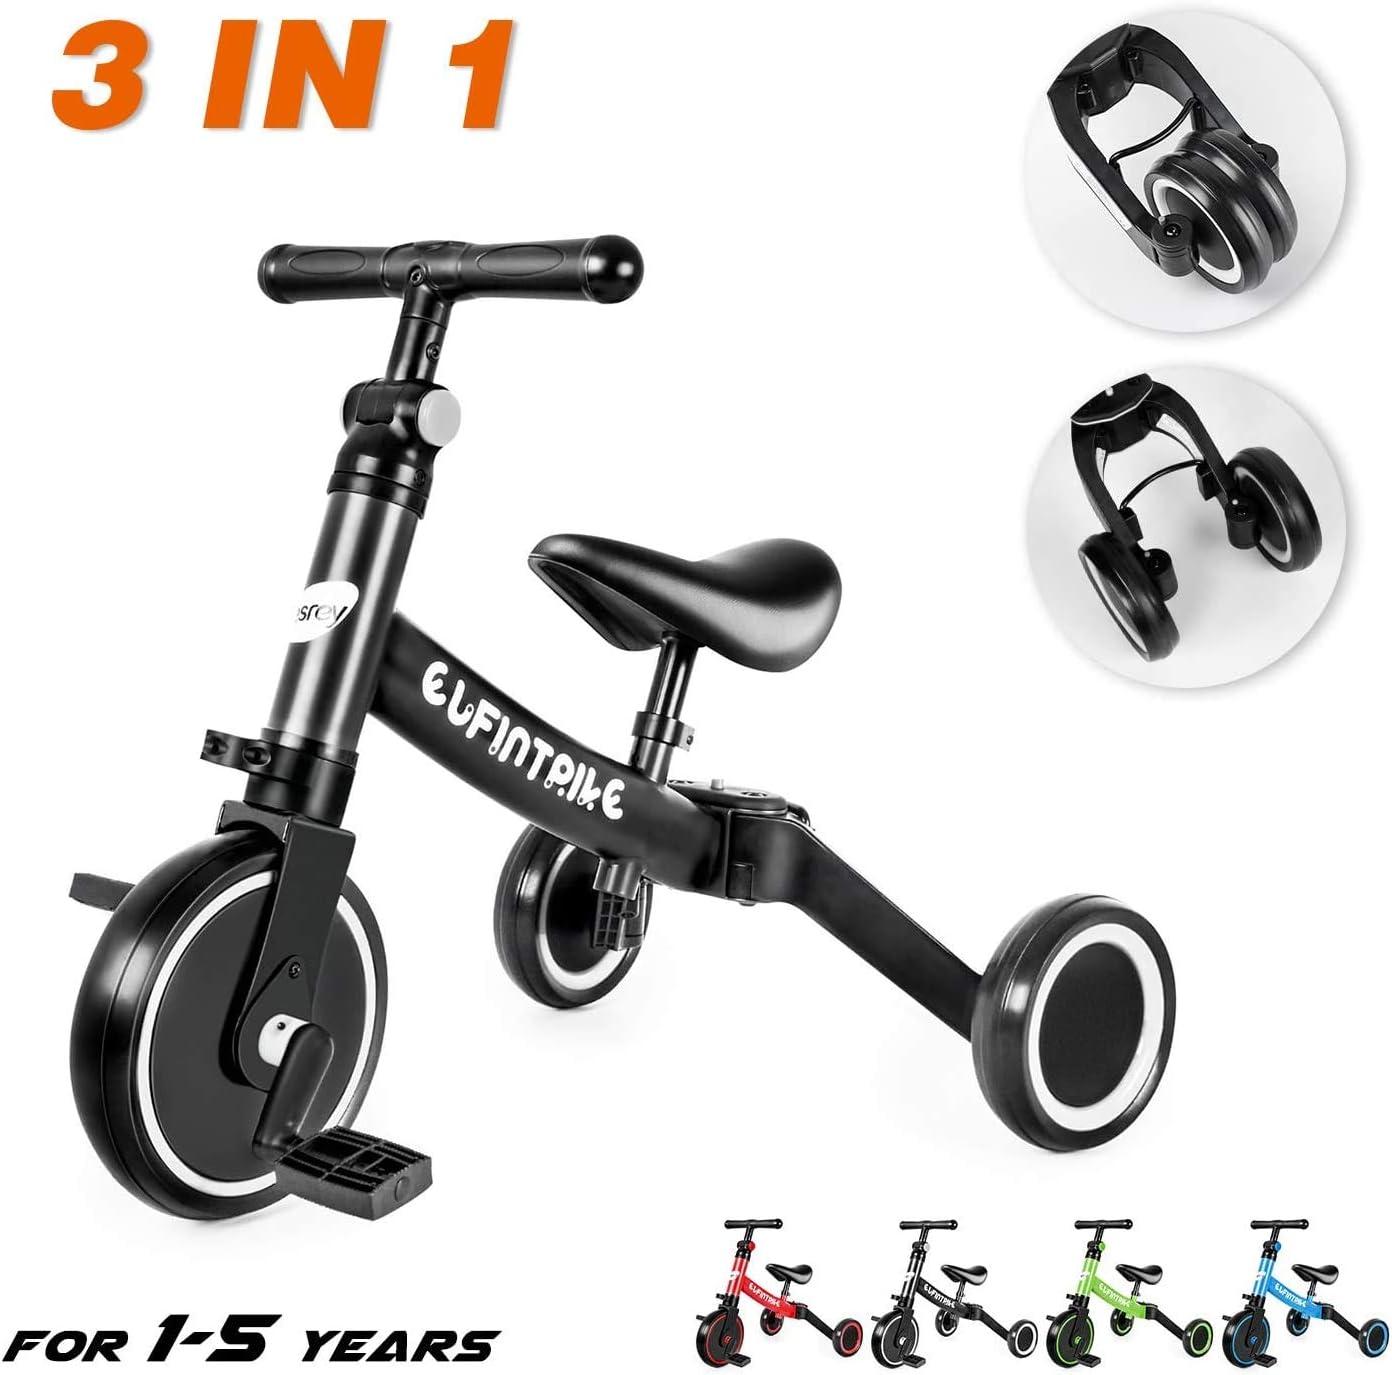 Besrey 3 en 1 Tricycle Vélo Draisienne pour Enfant, Avec Hauteur Réglable de Selle et Guidon, Vélo Sans Pédale pour Entraînement d'Équilibre Des Gar&cced